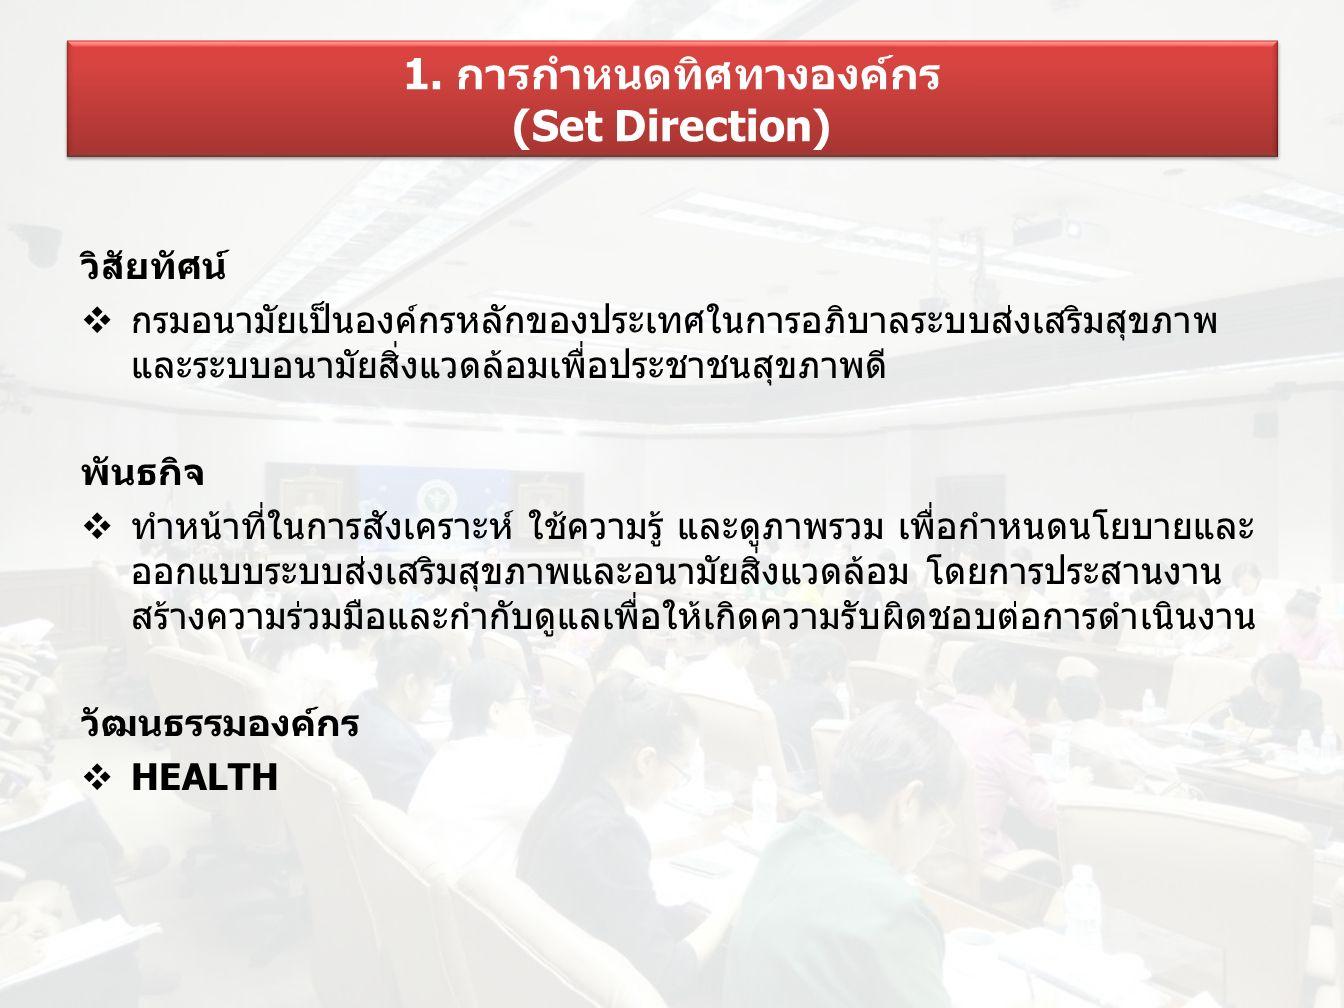 1. การกำหนดทิศทางองค์กร (Set Direction) วิสัยทัศน์  กรมอนามัยเป็นองค์กรหลักของประเทศในการอภิบาลระบบส่งเสริมสุขภาพ และระบบอนามัยสิ่งแวดล้อมเพื่อประชาช